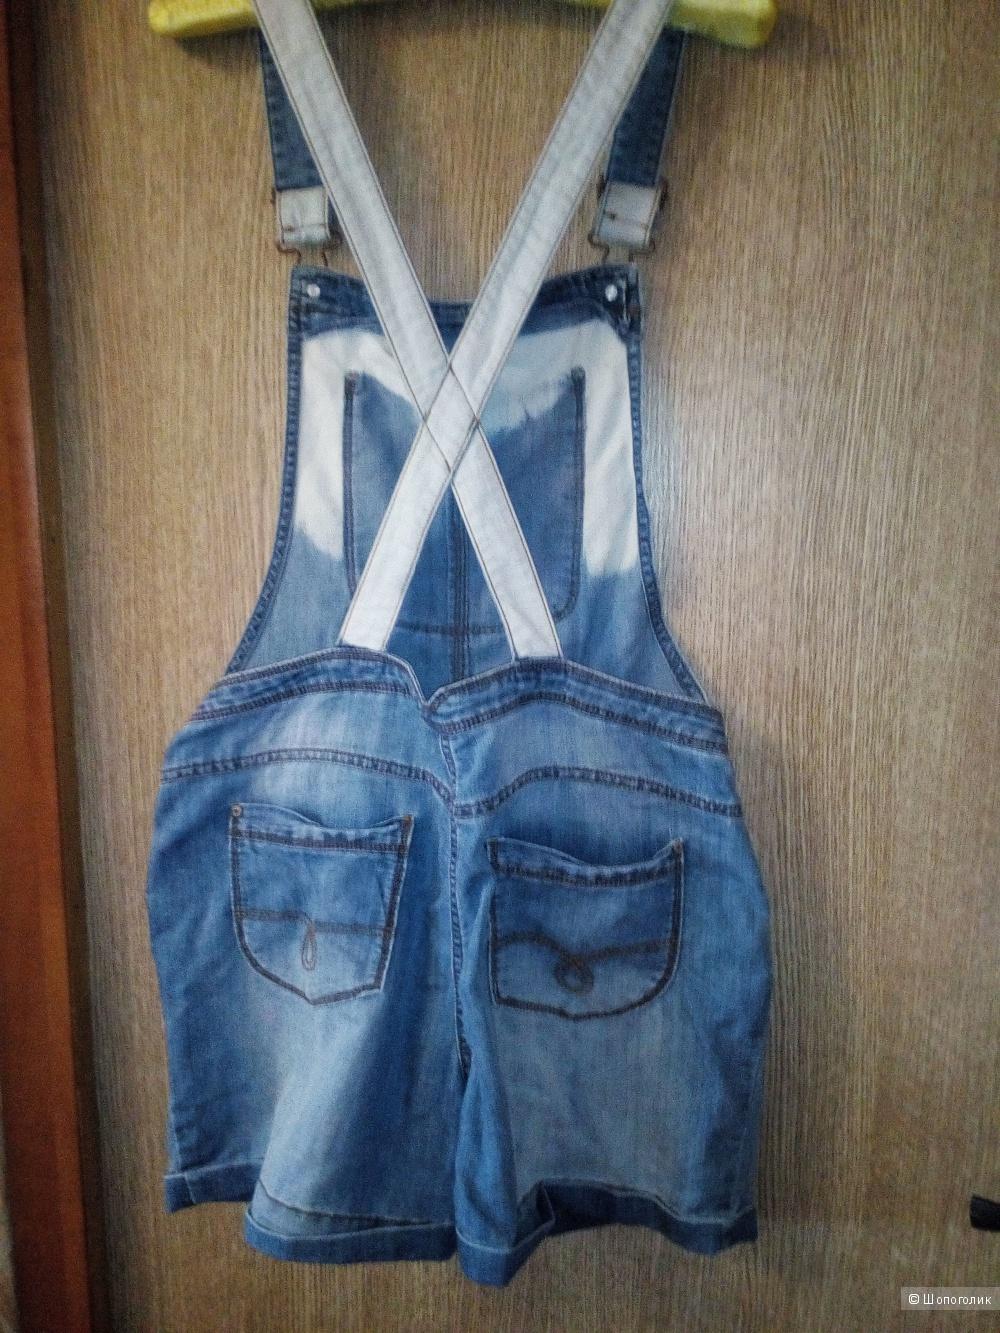 Комбинезон джинсовый, молодежный, подростковый, на 16 лет, р44-46